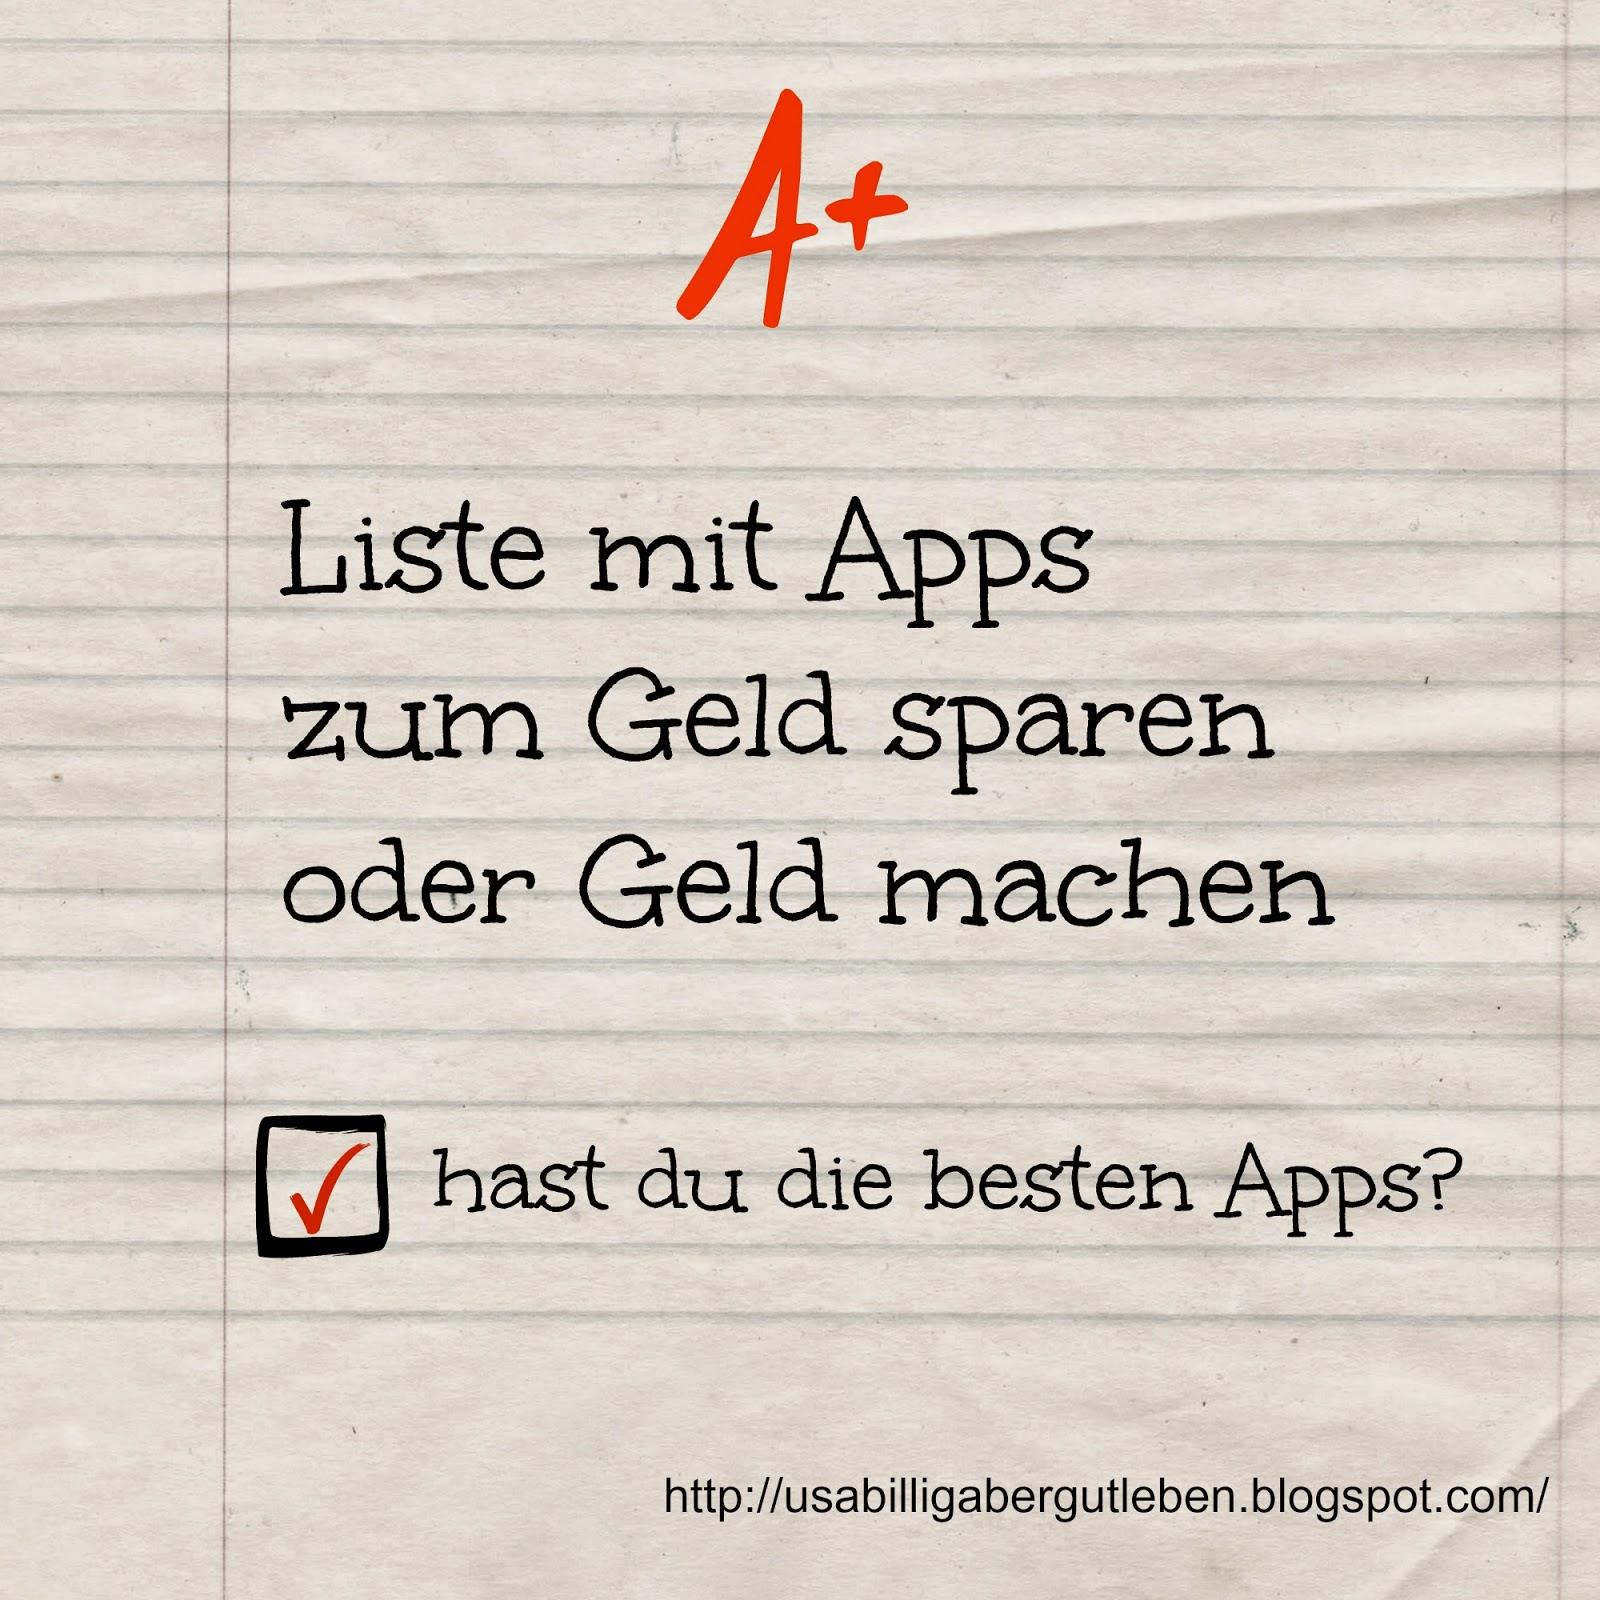 Diese App's solltest du dir anschauen